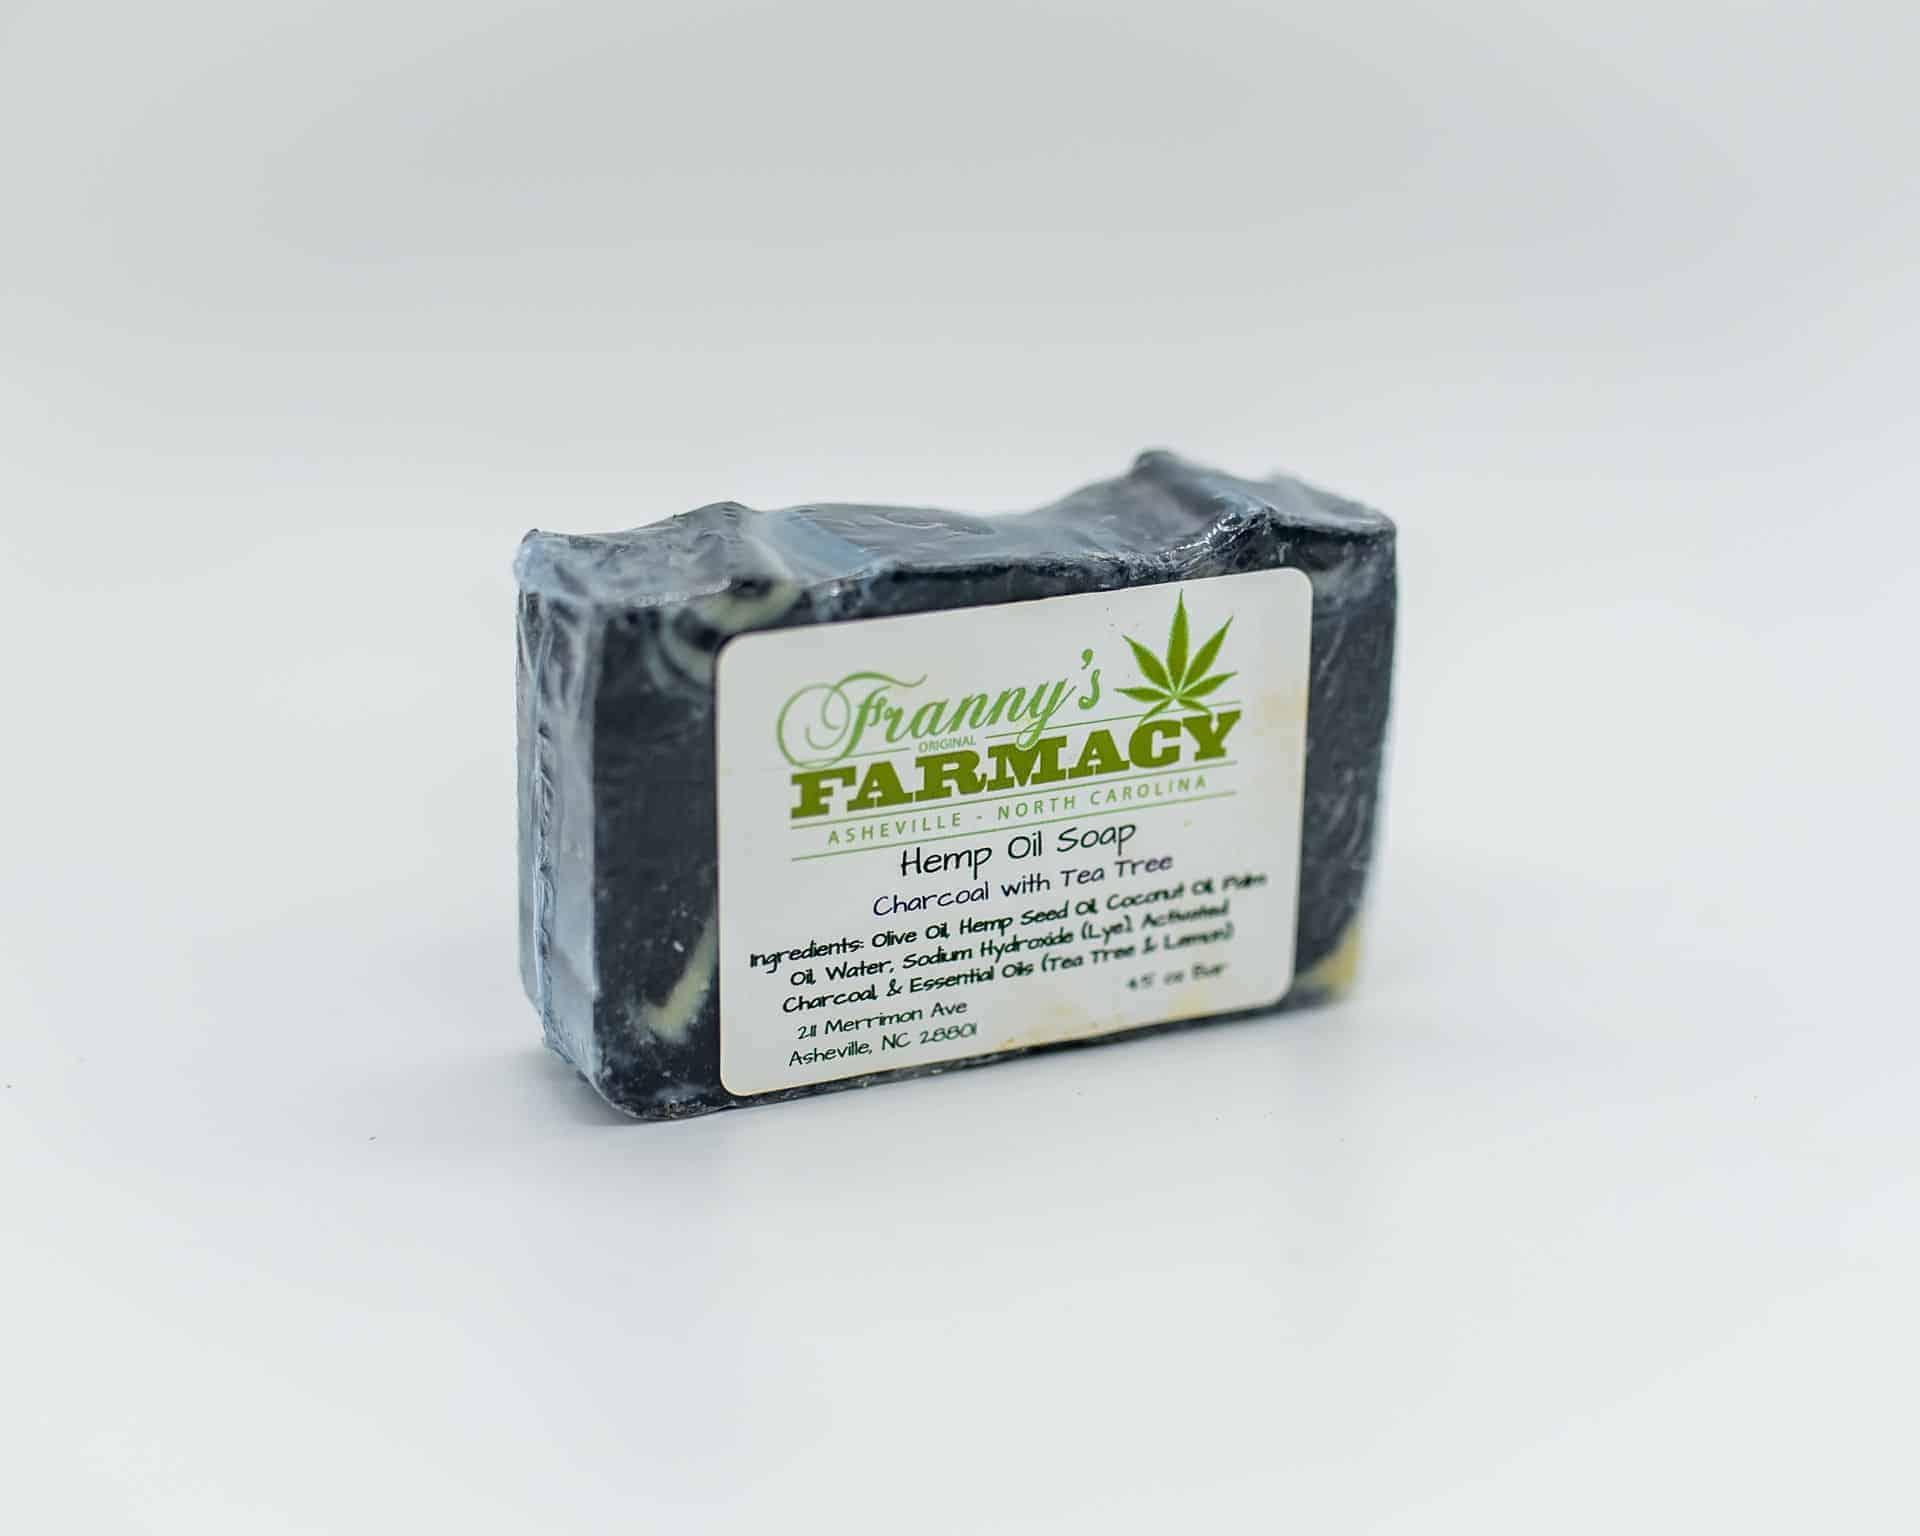 Franny's Farmacy Charcoal Hemp Oil Soap